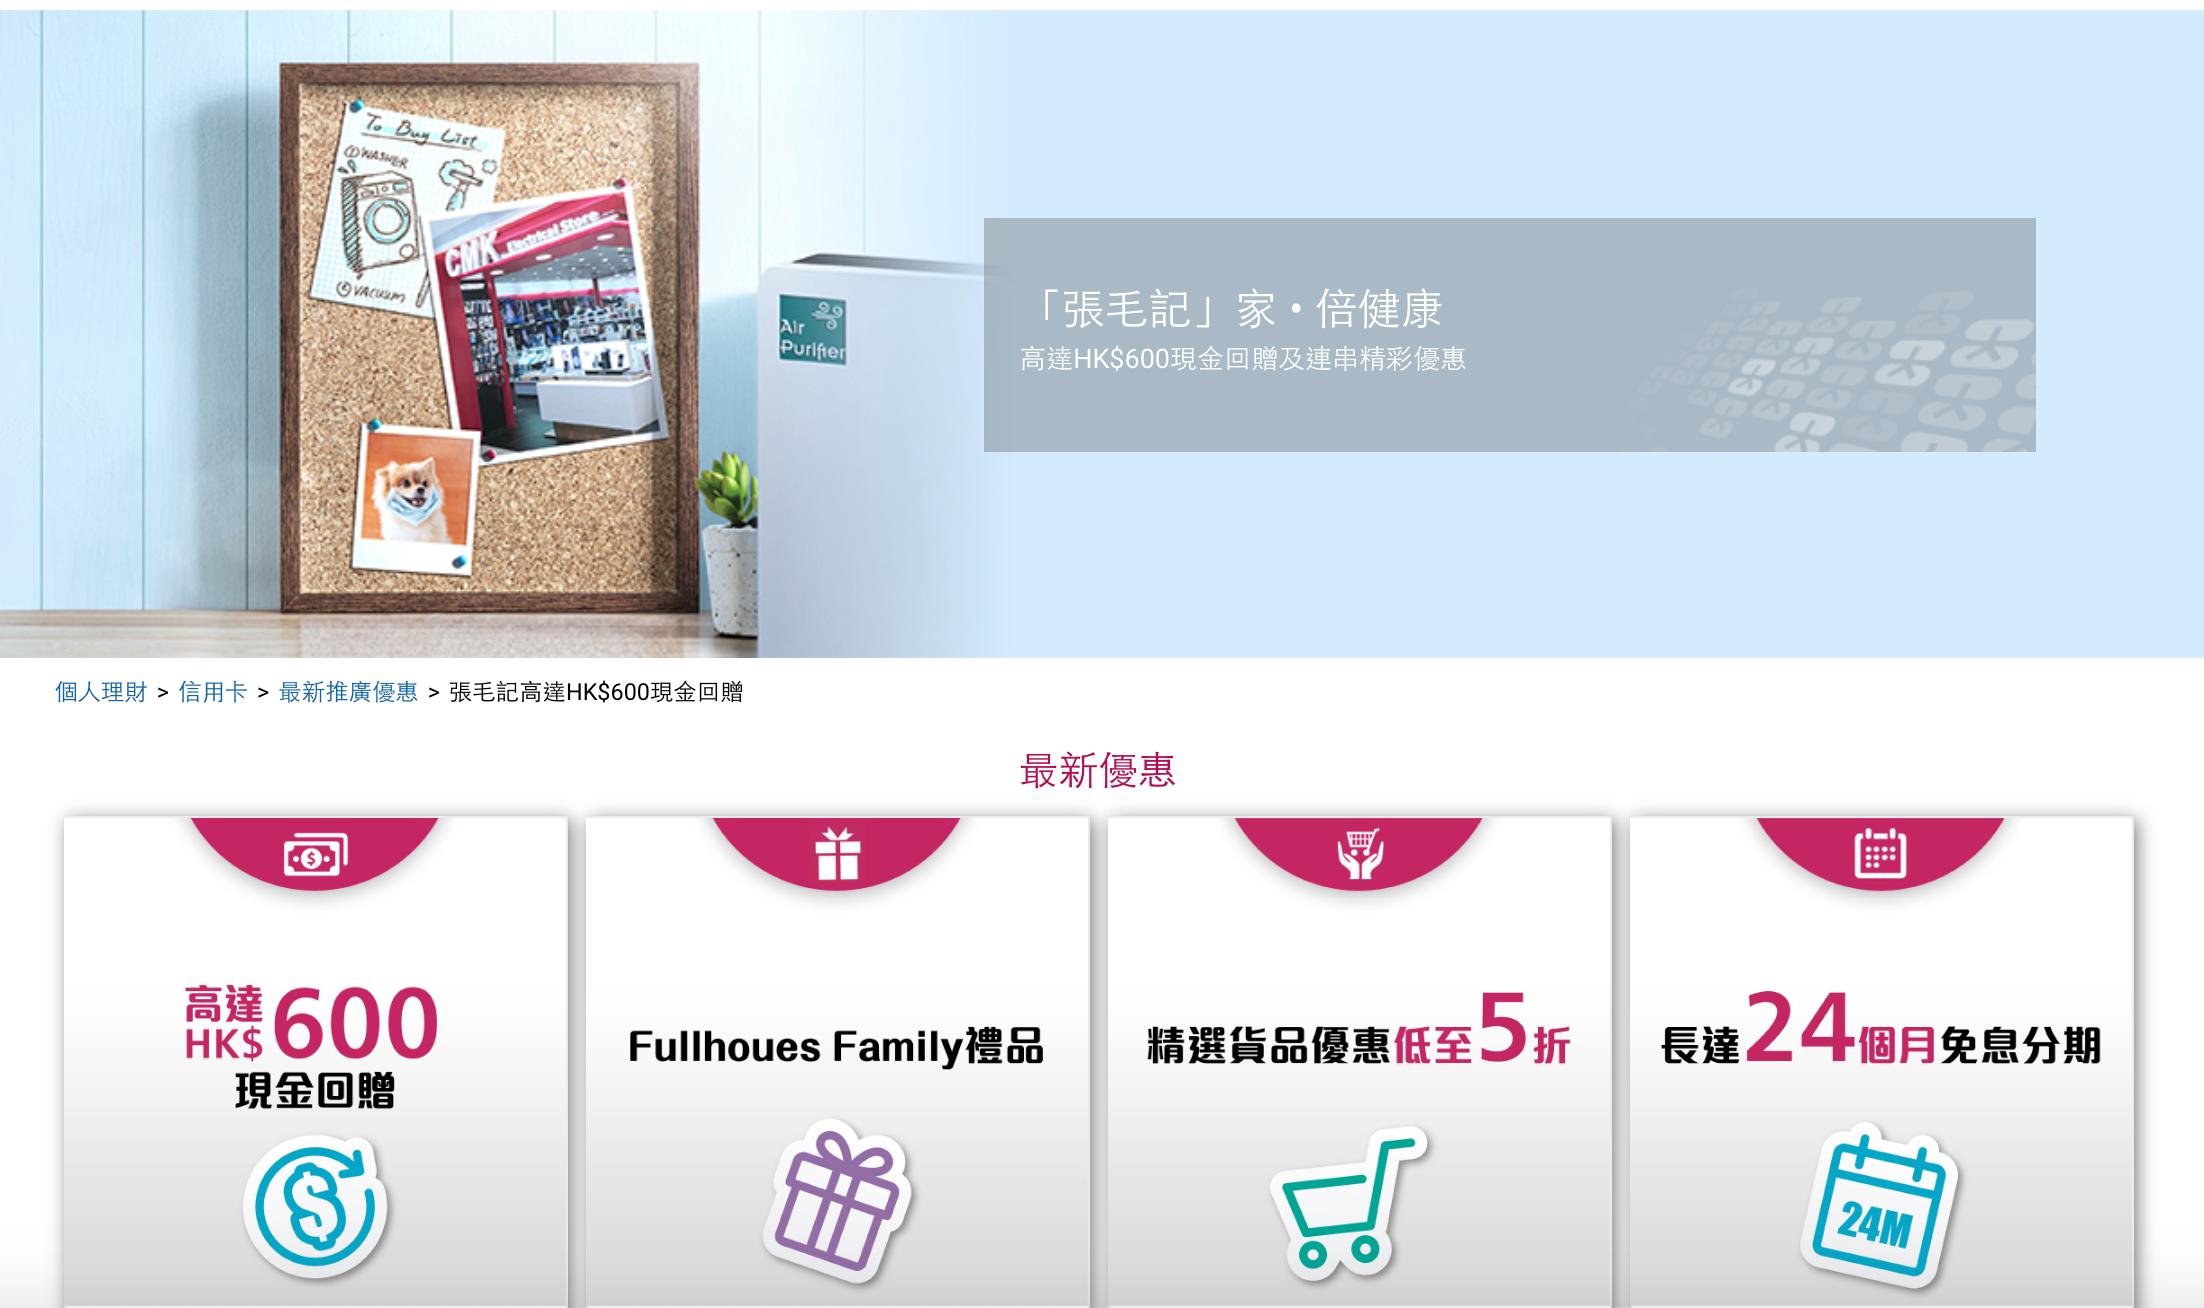 大新信用卡 x CMK張毛記購物簽賬優惠!可享高達HK$600現金回贈,同時更可以獲贈Fullhouse Family禮品!